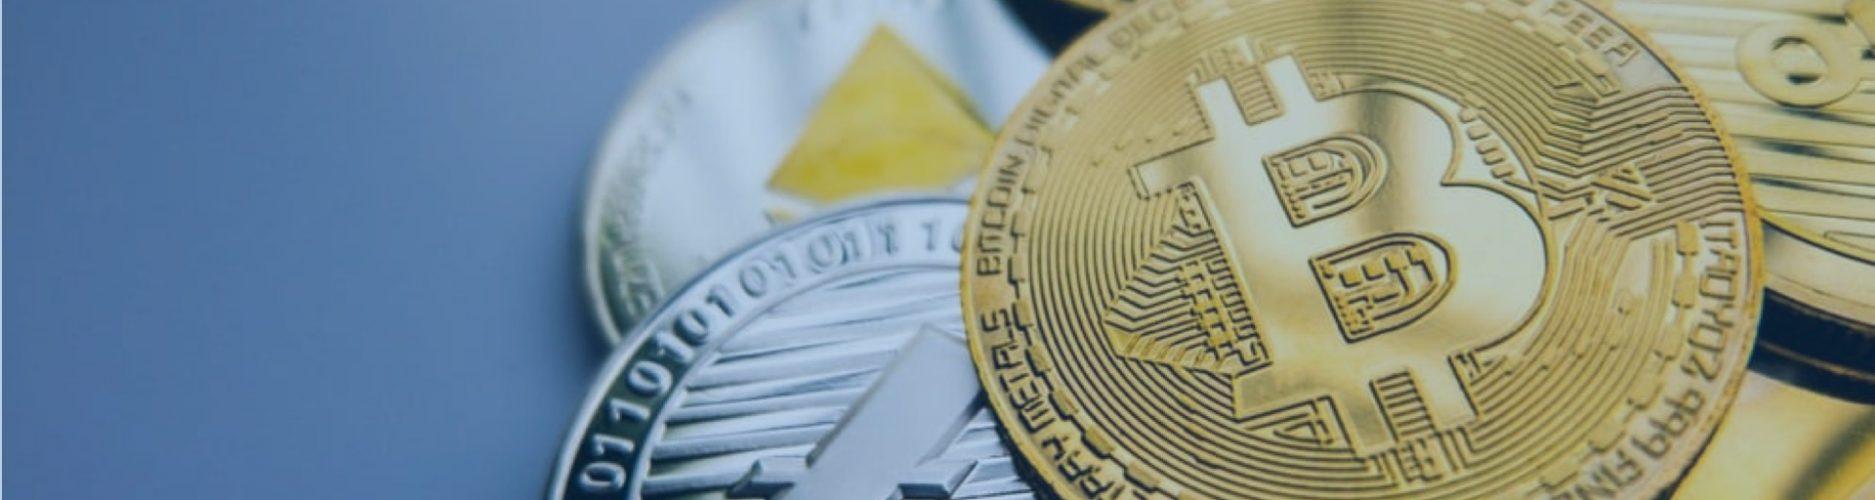 bitcoin-monedas-trading